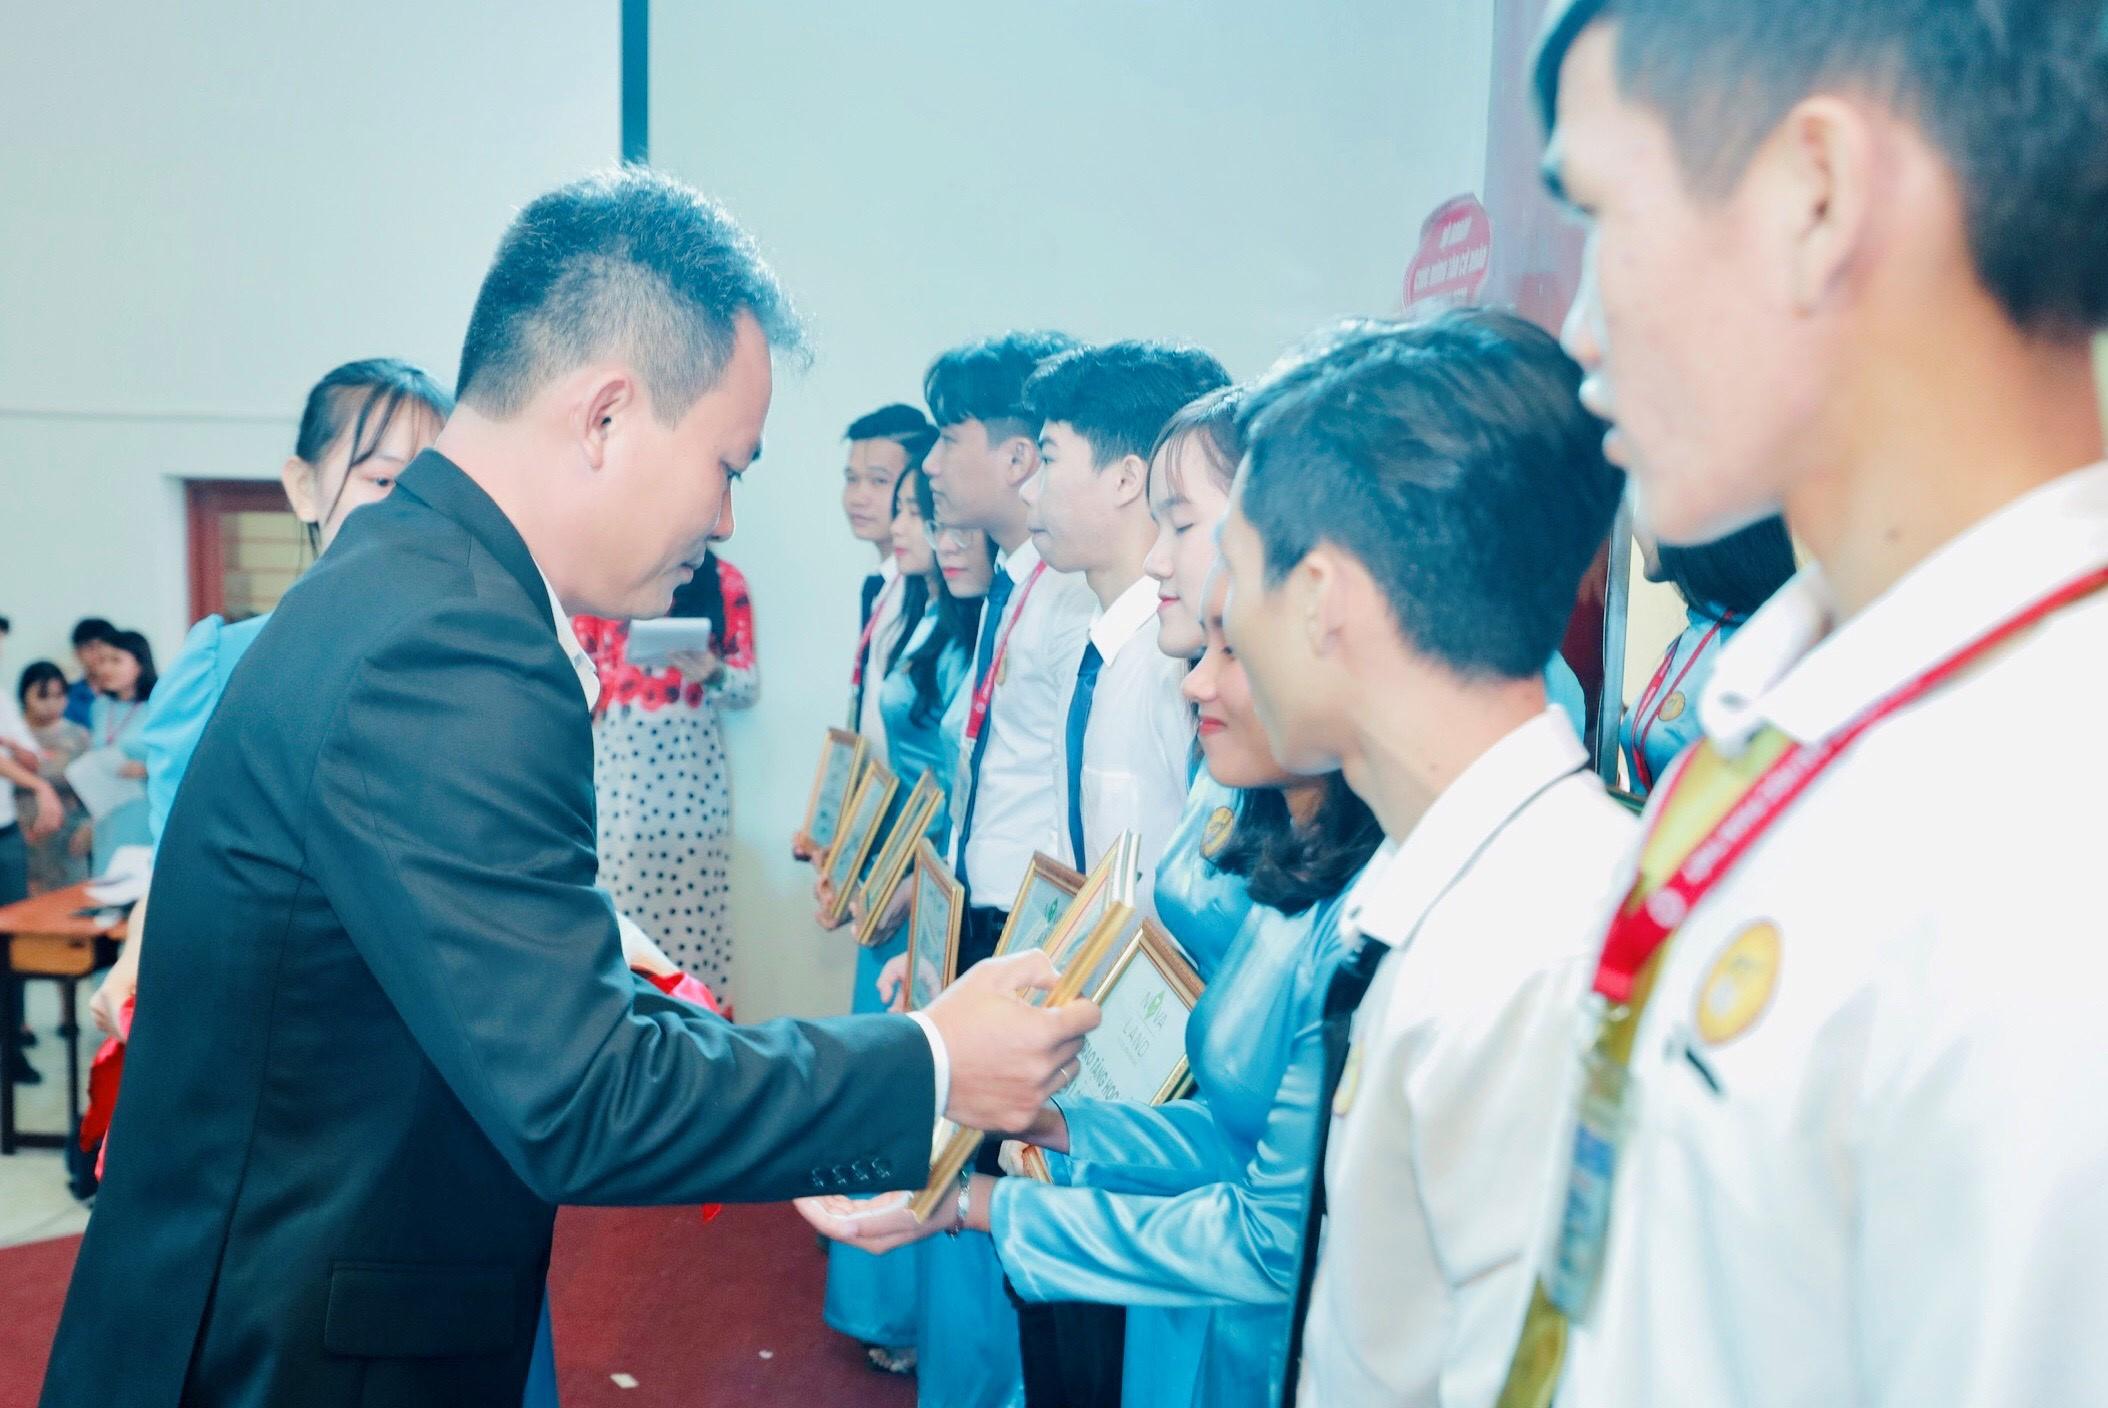 Tập đoàn Novaland đồng hành cùng giáo dục và đào tạo tỉnh Bình Thuận  - Ảnh 1